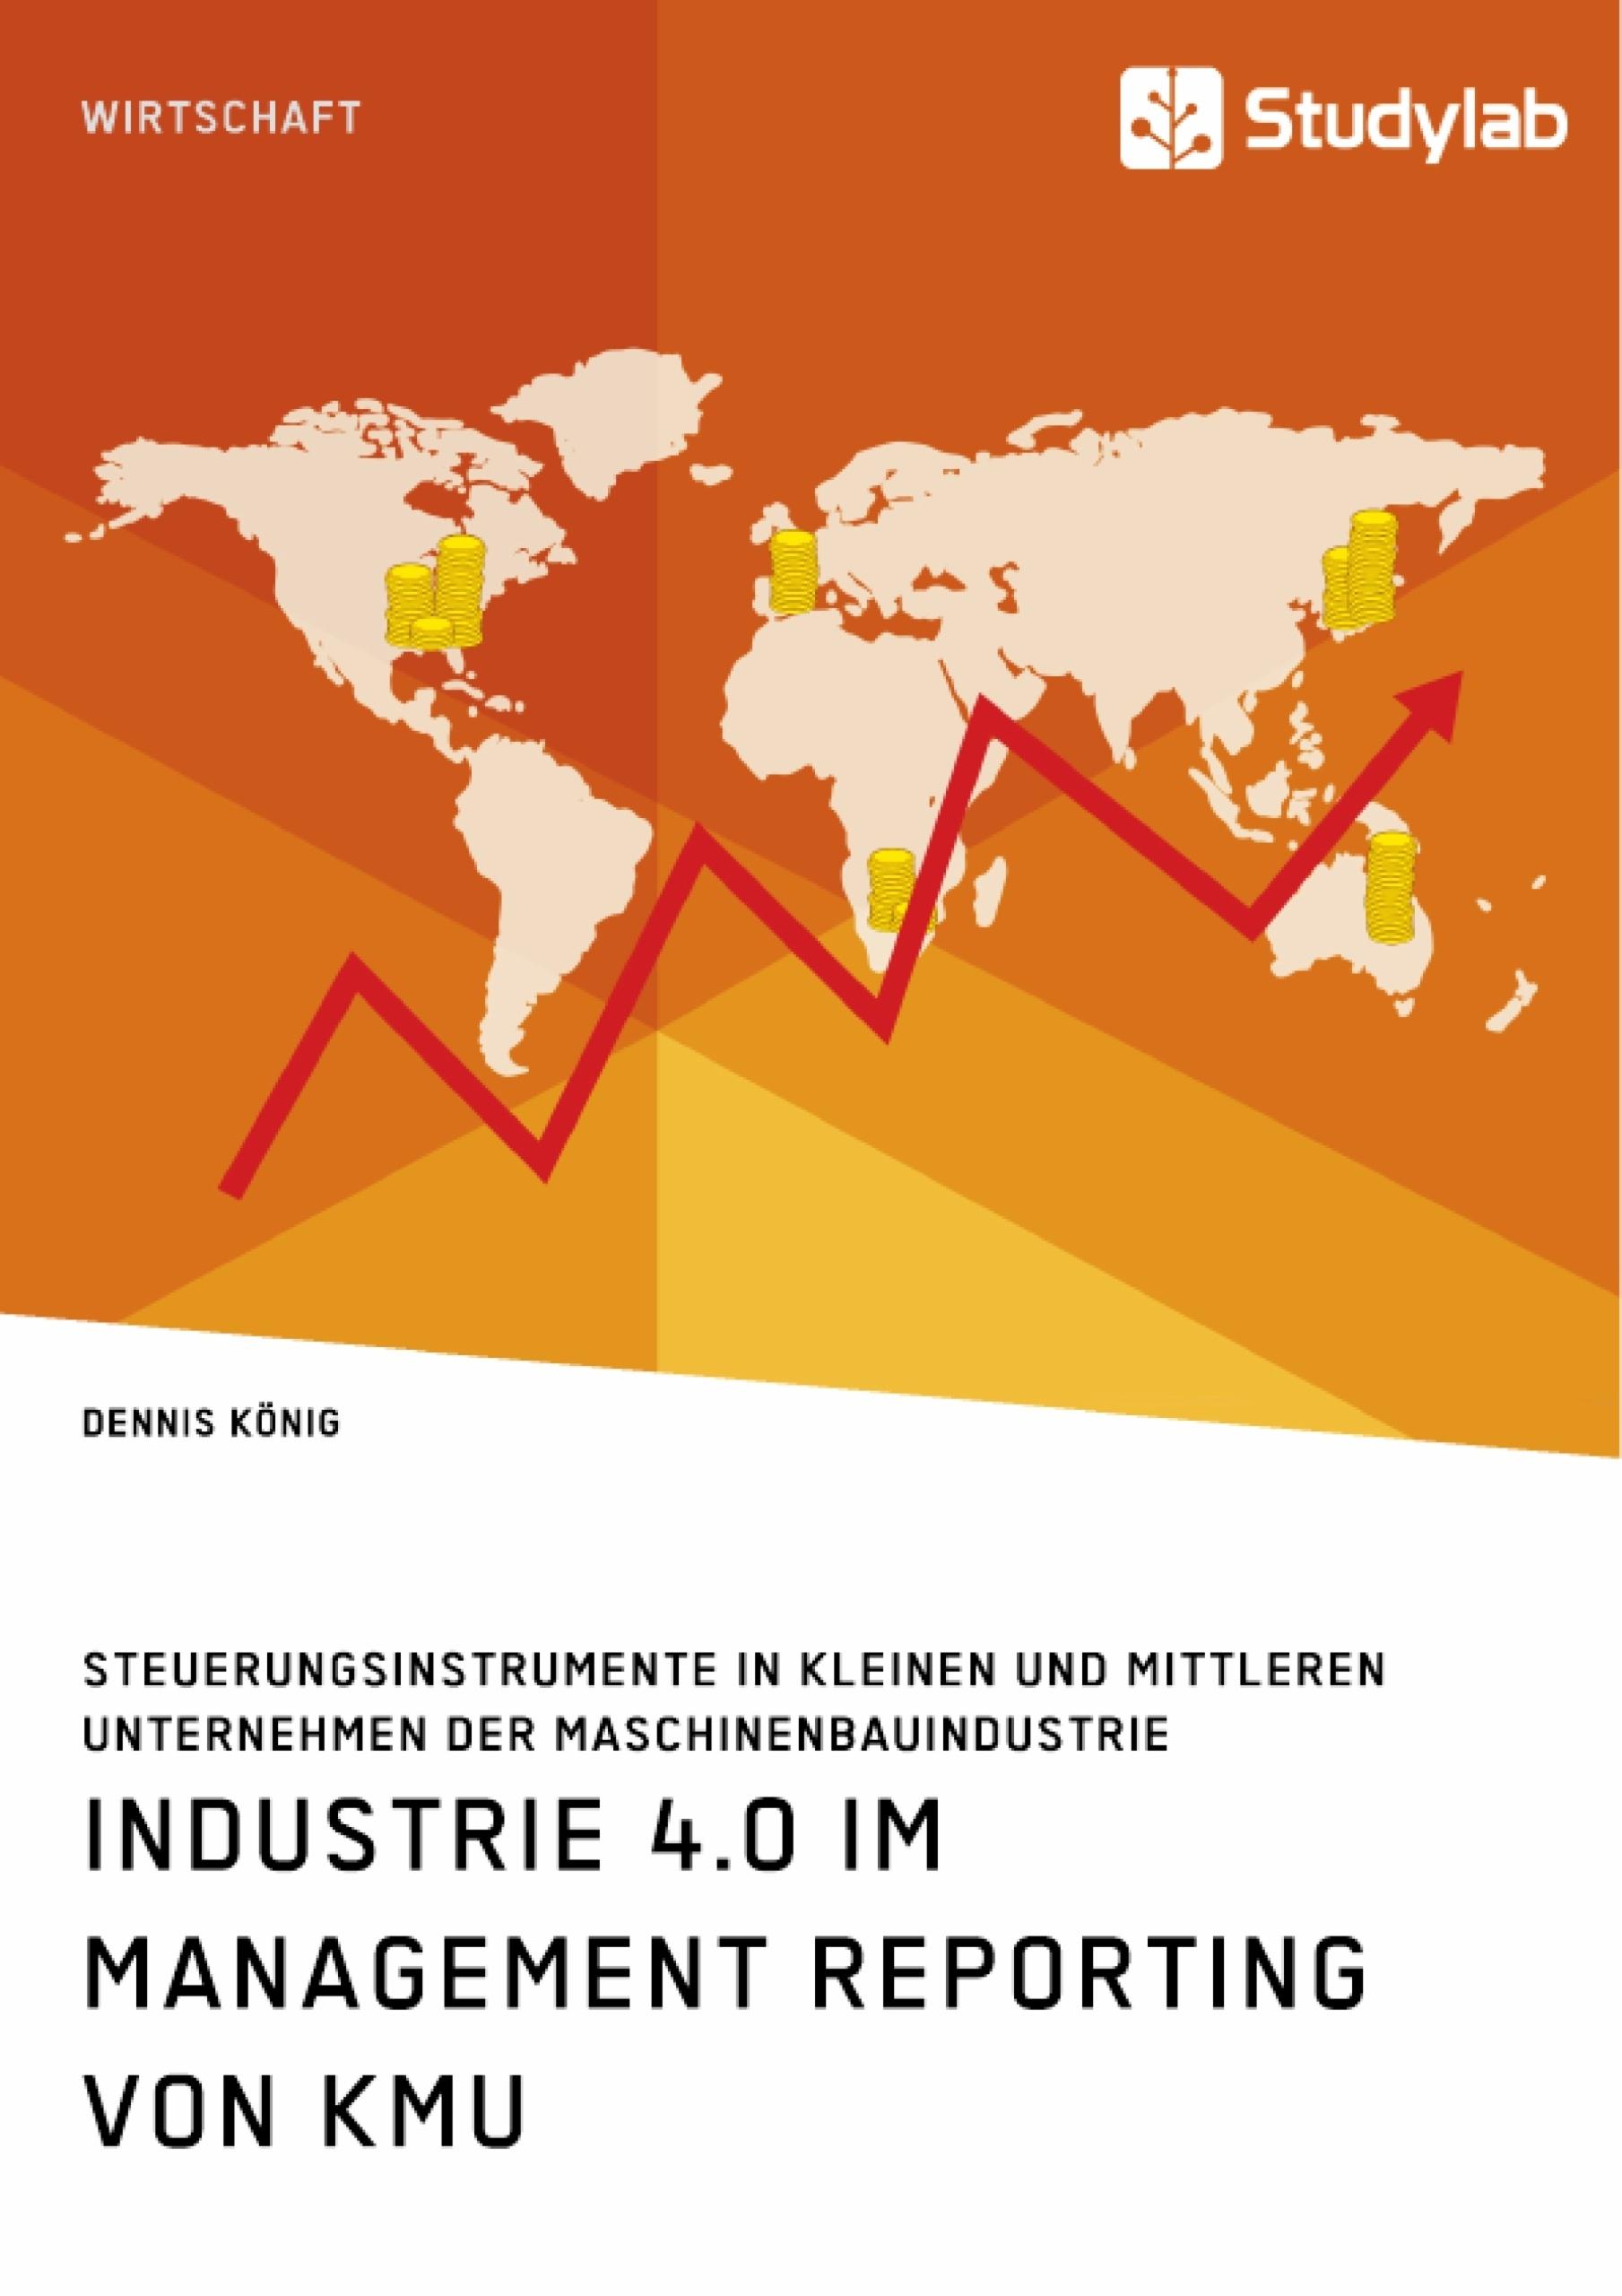 Titel: Industrie 4.0 im Management Reporting von KMU. Steuerungsinstrumente in kleinen und mittleren Unternehmen der Maschinenbauindustrie